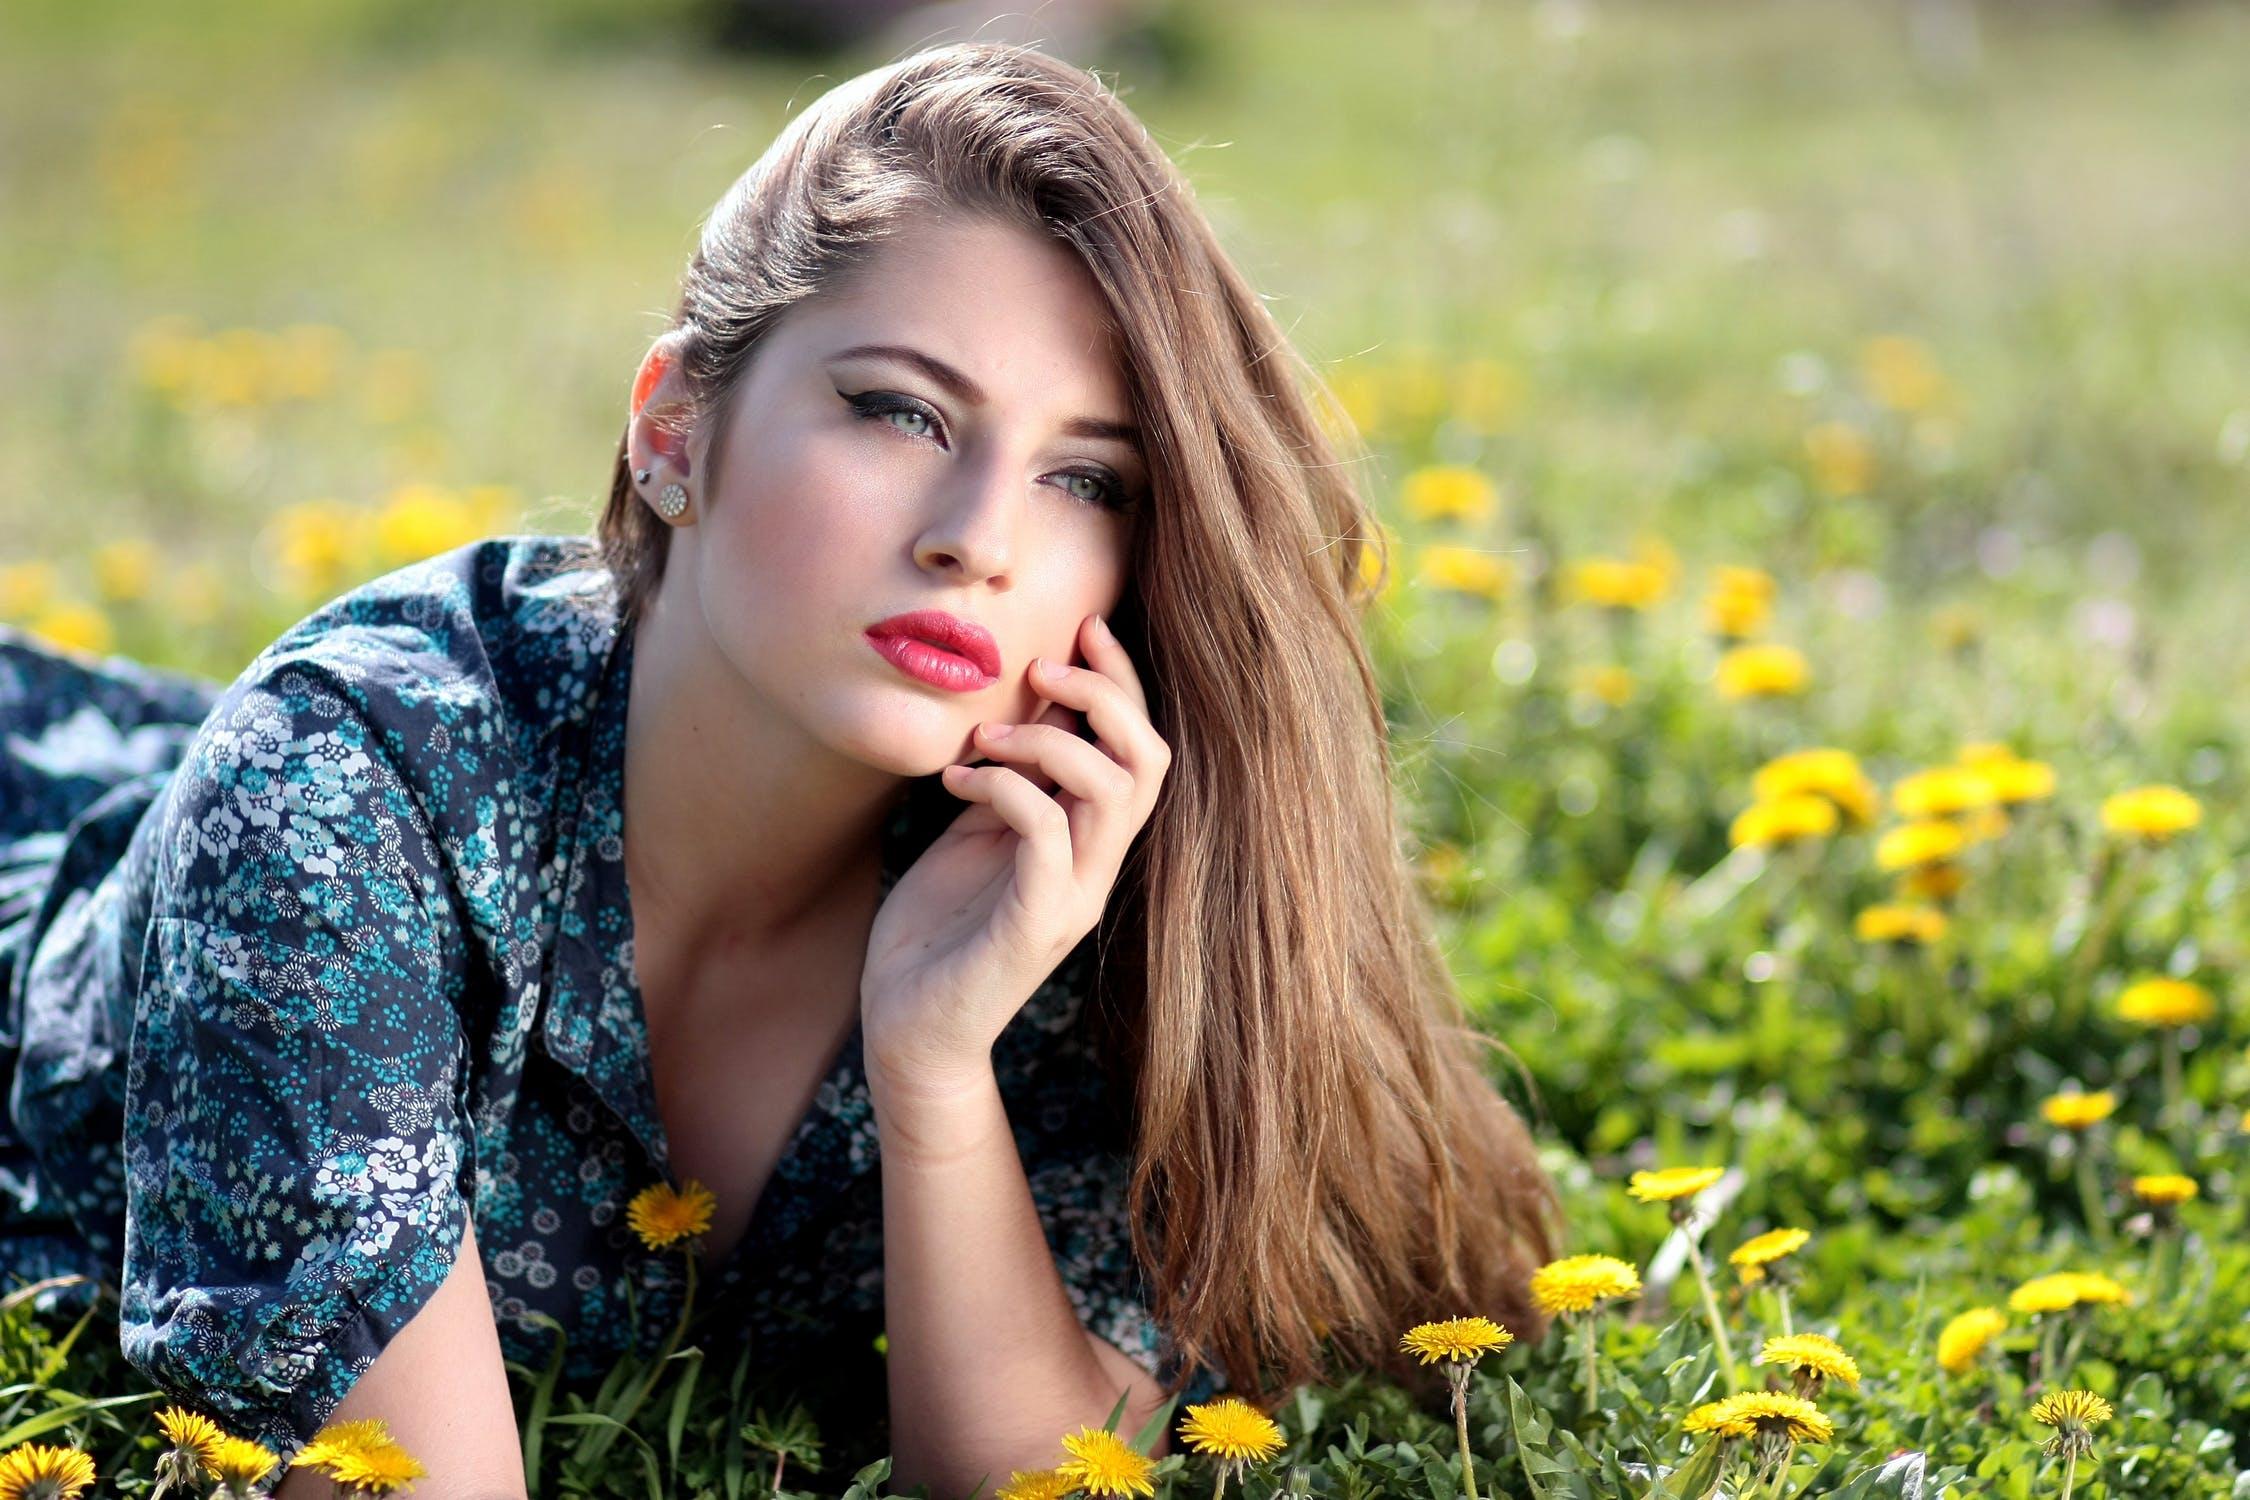 Kyseliny hyalurónová ajej využitie pri starostlivosti o pleť, vlasy, kĺby acelkové zdravie